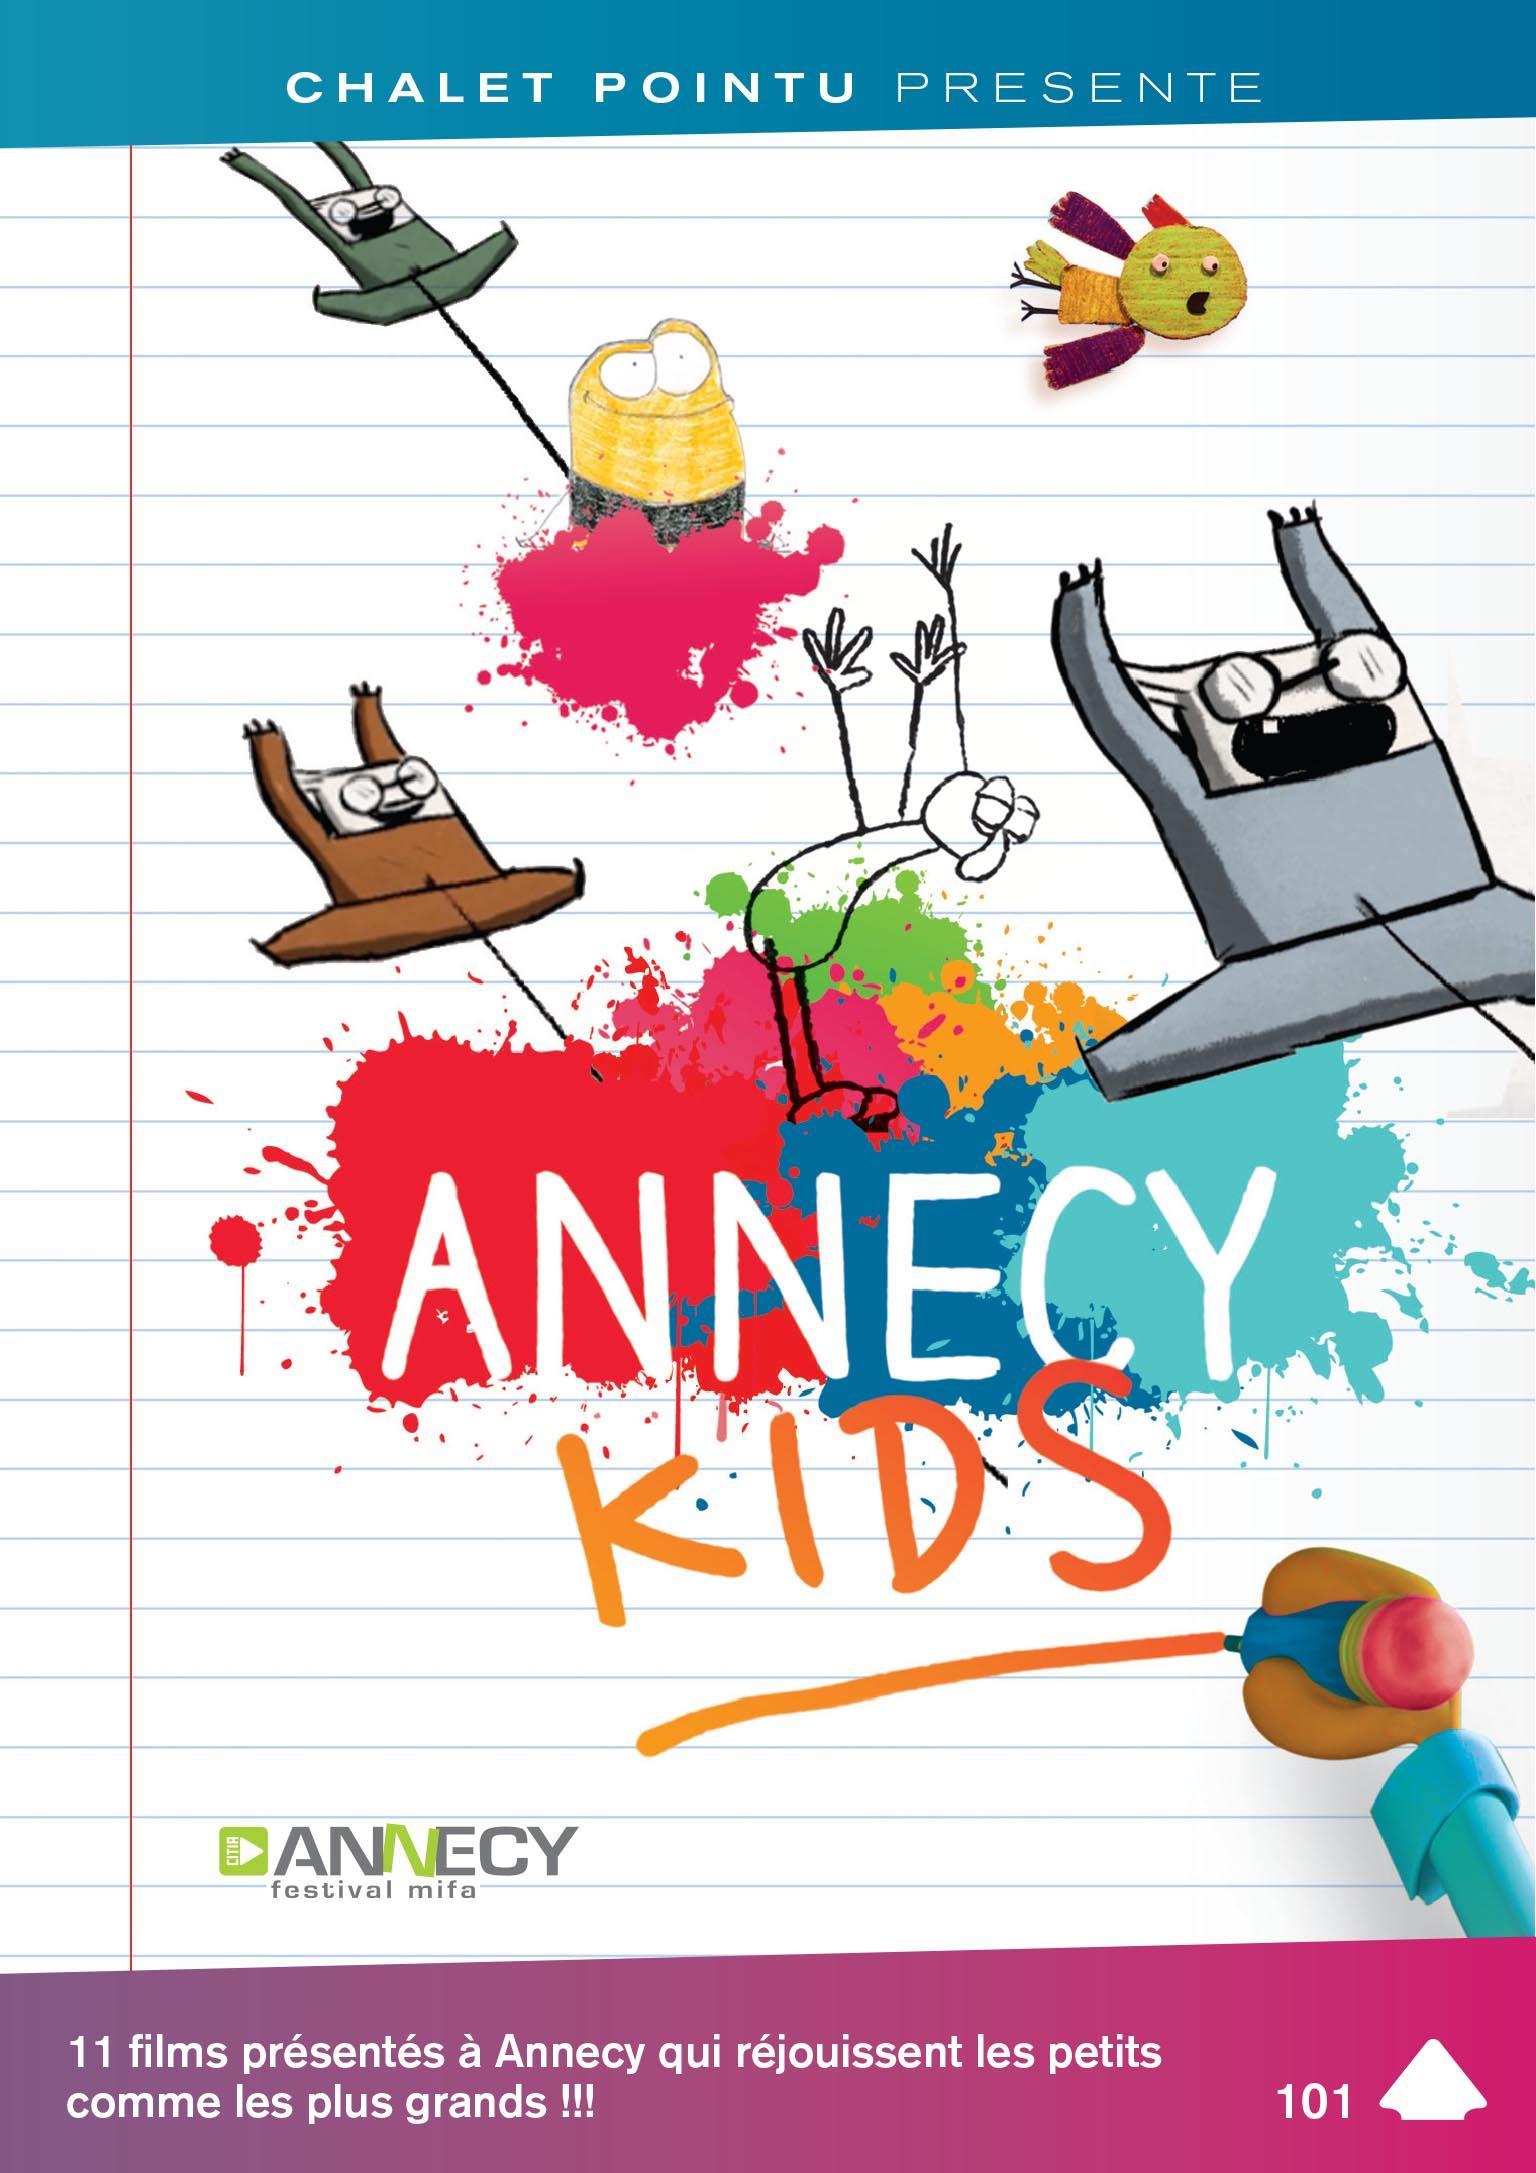 Annecy kids - dvd